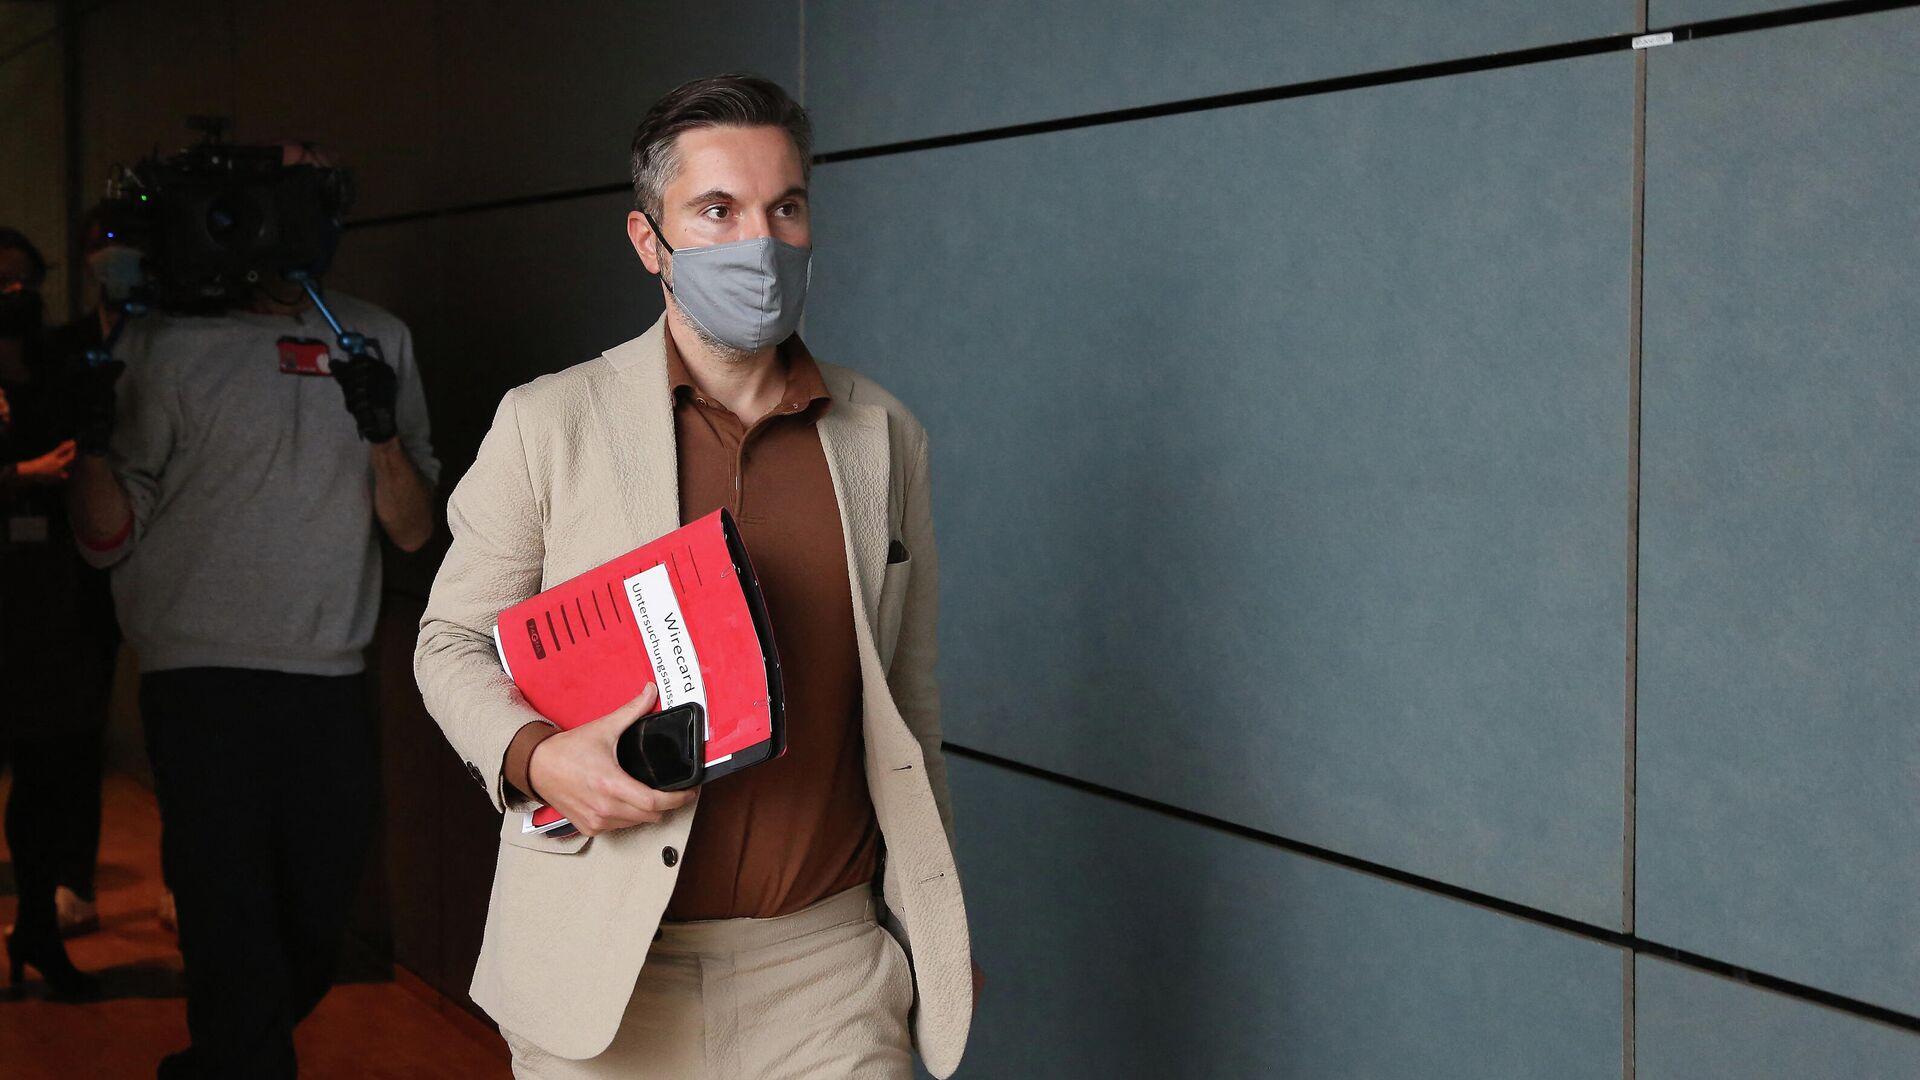 Fabio de Masi eilt zu einer Sitzung des parlamentarischen Untersuchungsausschusses zum Wirecard-Skandal, den 8. Oktober 2020. - SNA, 1920, 25.02.2021